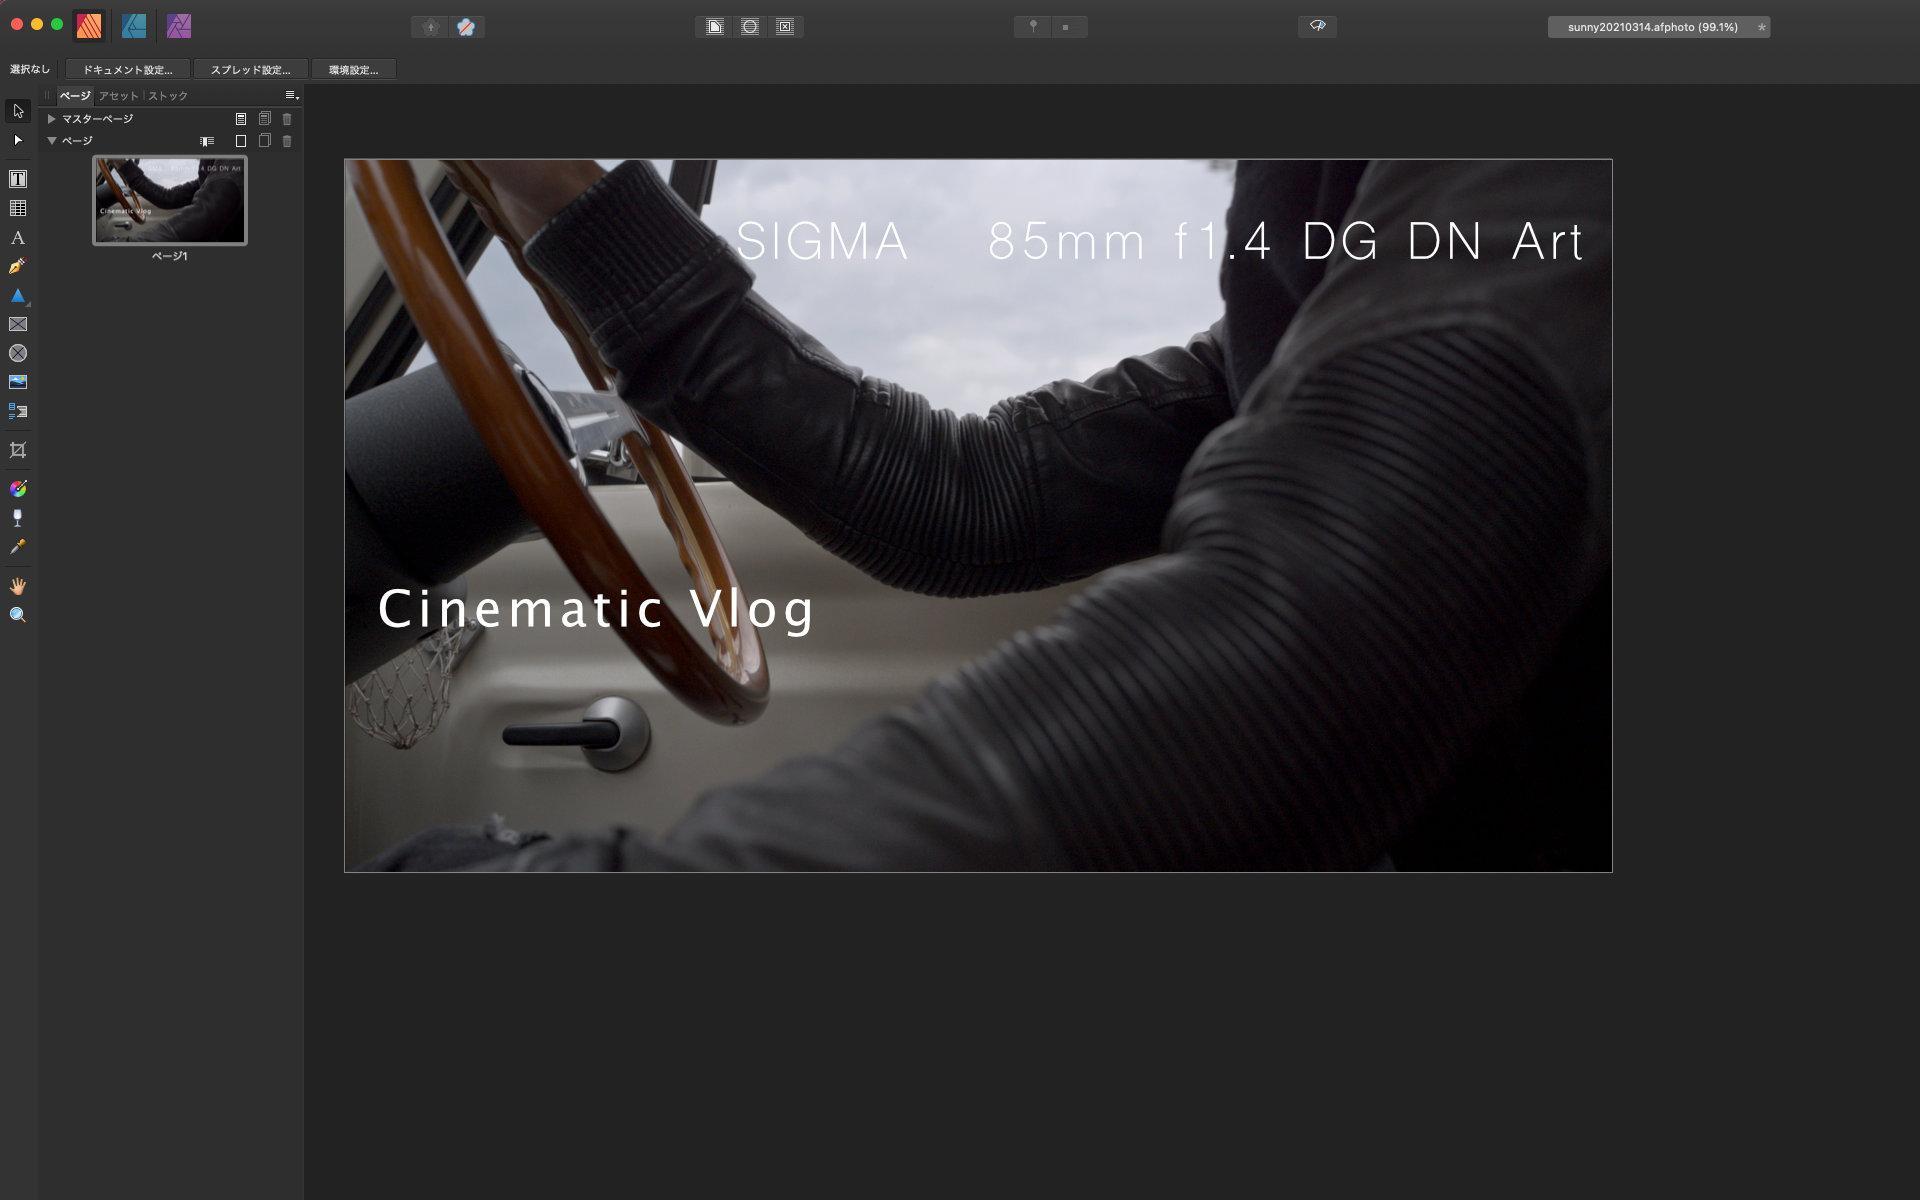 Affinity Publisherアプリの画面